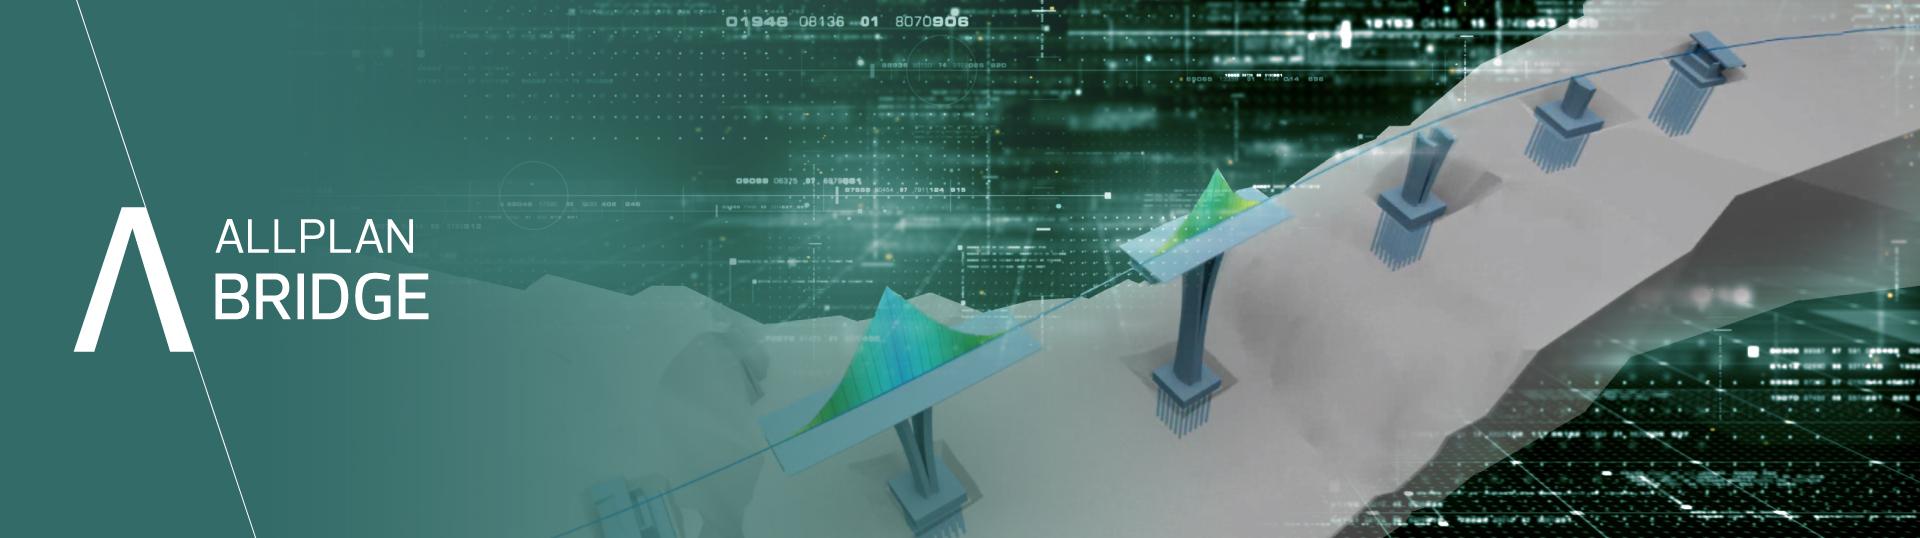 Weź udział w infraMOST i poznaj możliwości programu do projektowania mostów Allplan Bridge!